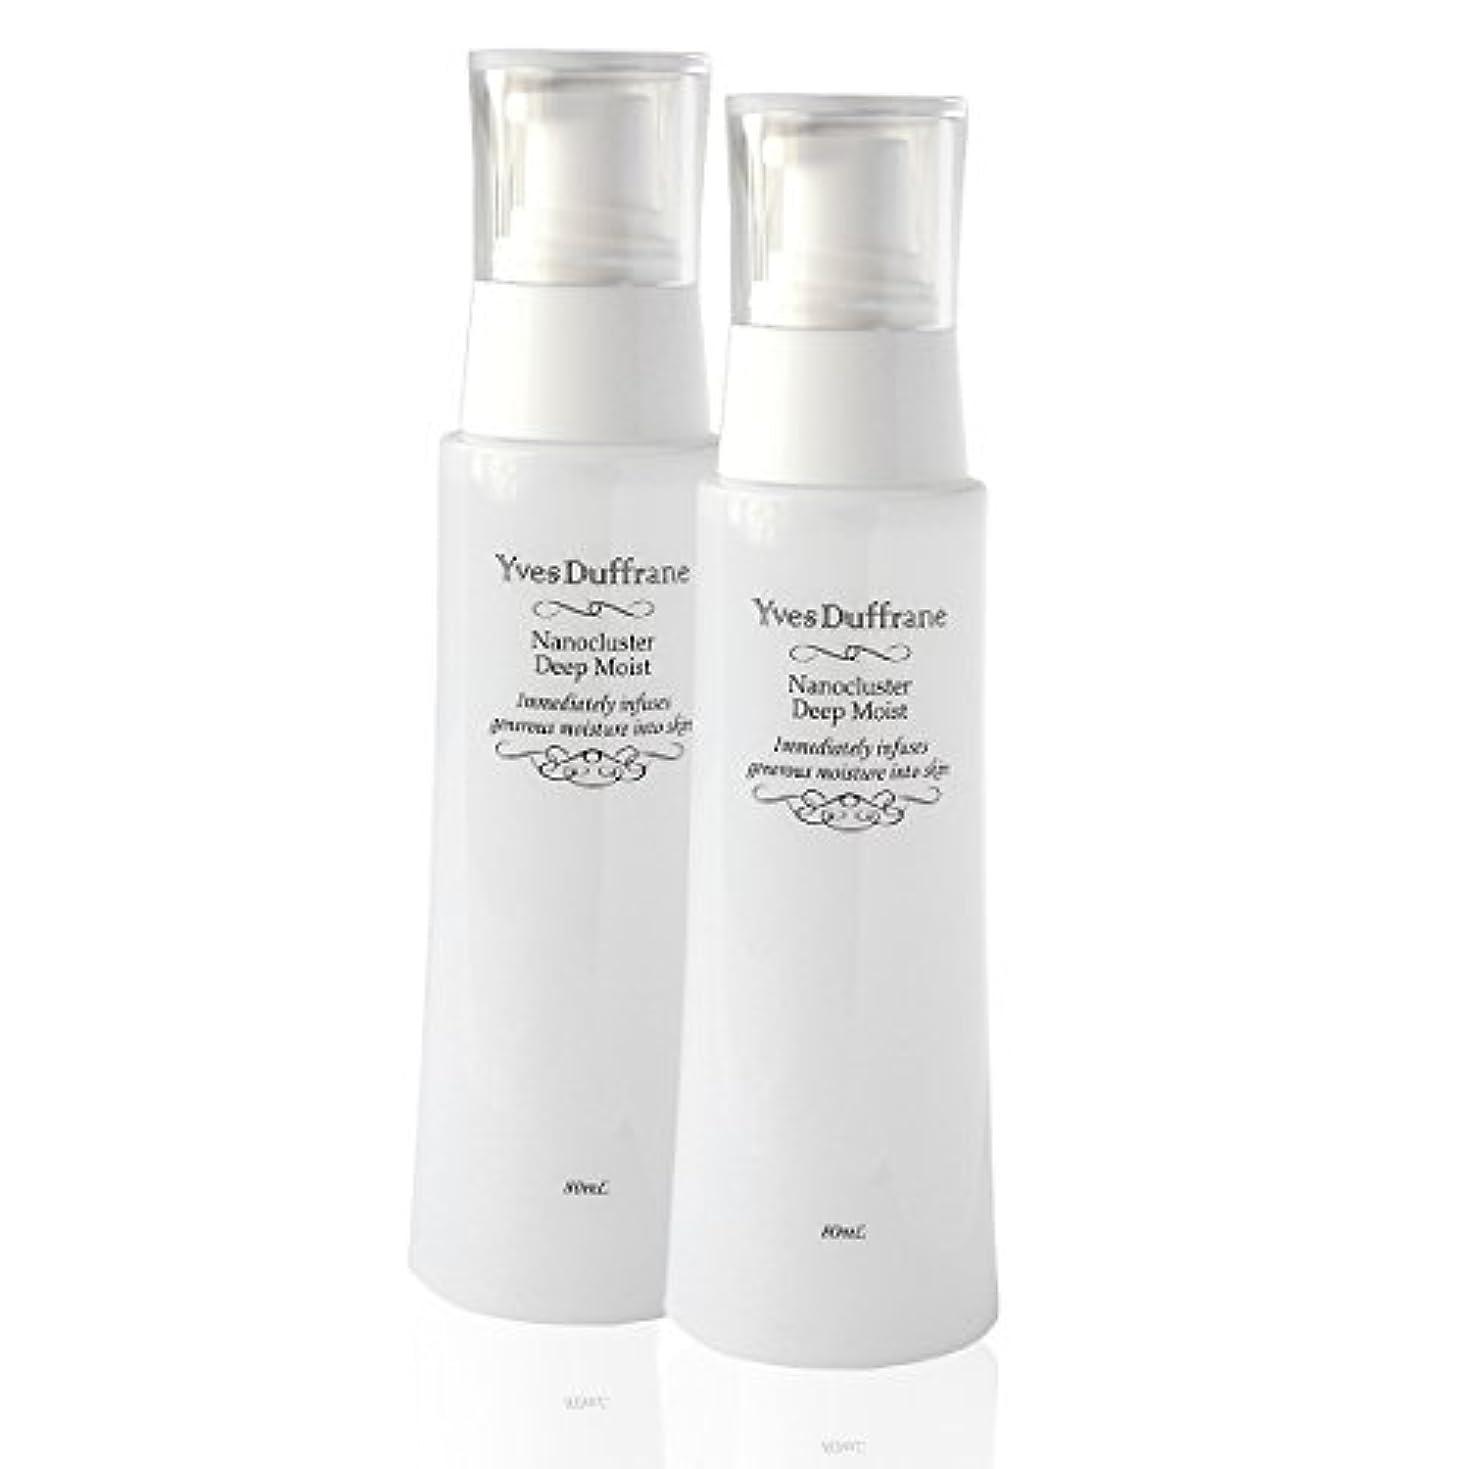 チョップ不透明な櫛化粧水 ( ナノ化粧水 2点セット)ナノ化 スクワラン 乾燥 毛穴 敏感肌 高保湿 高浸透 高品質 メンズ OK